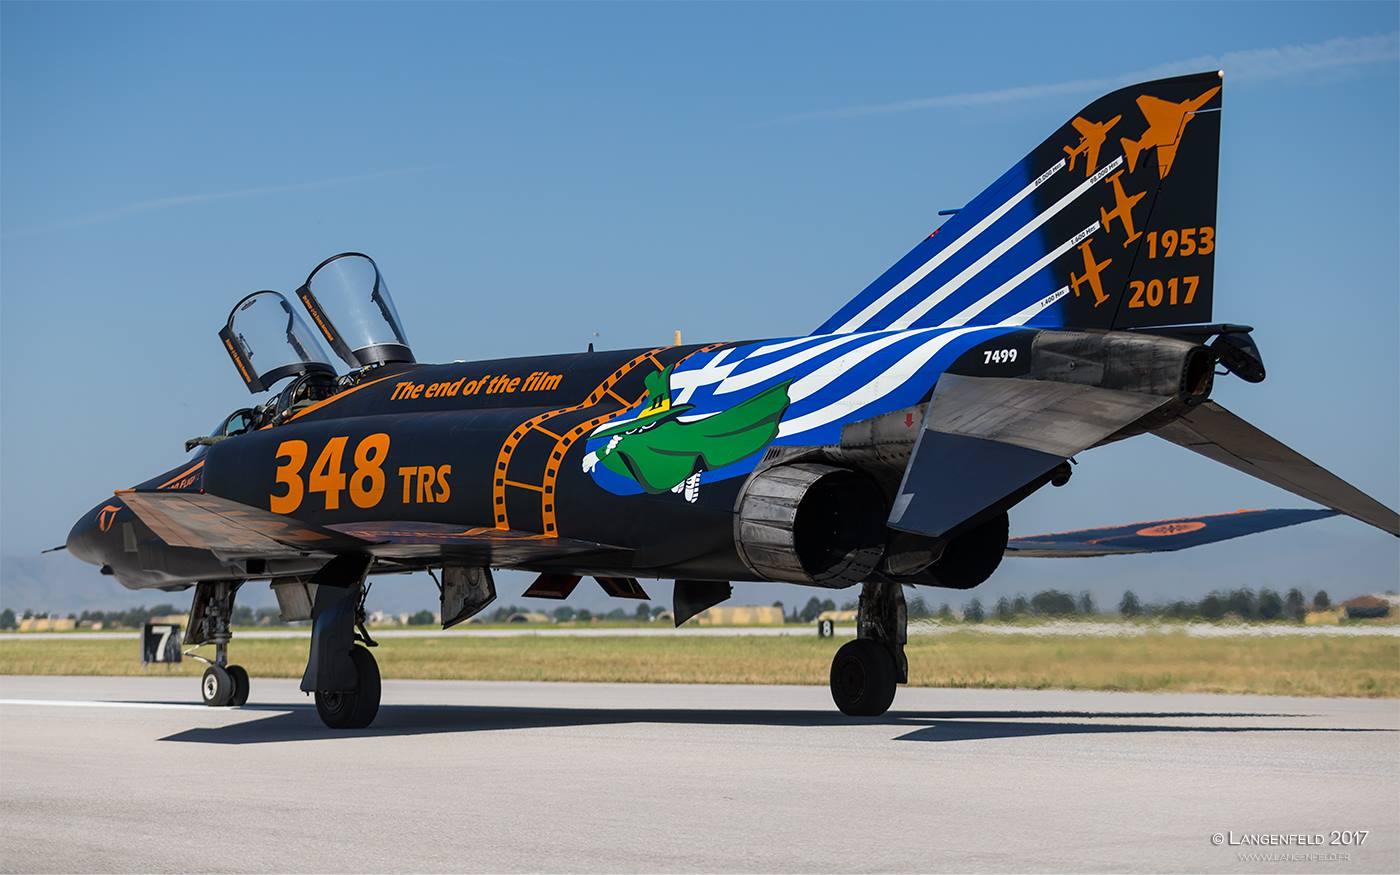 RF-4E HAF 69-7499